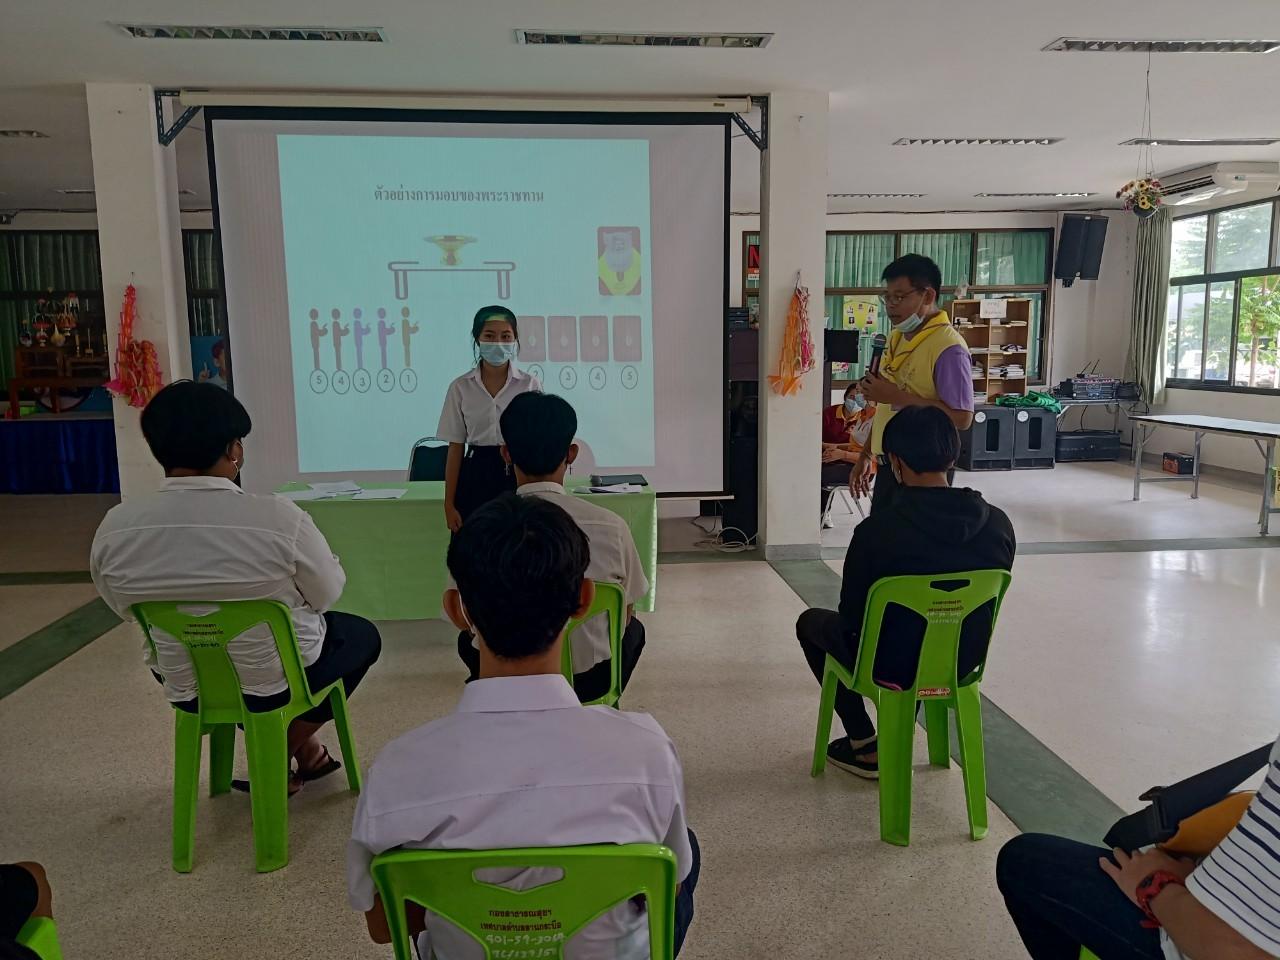 โครงการส่งเสริมการเรียนรู้ด้านประวัติศาสตร์ชาติไทยและหน้าที่พลเมือง